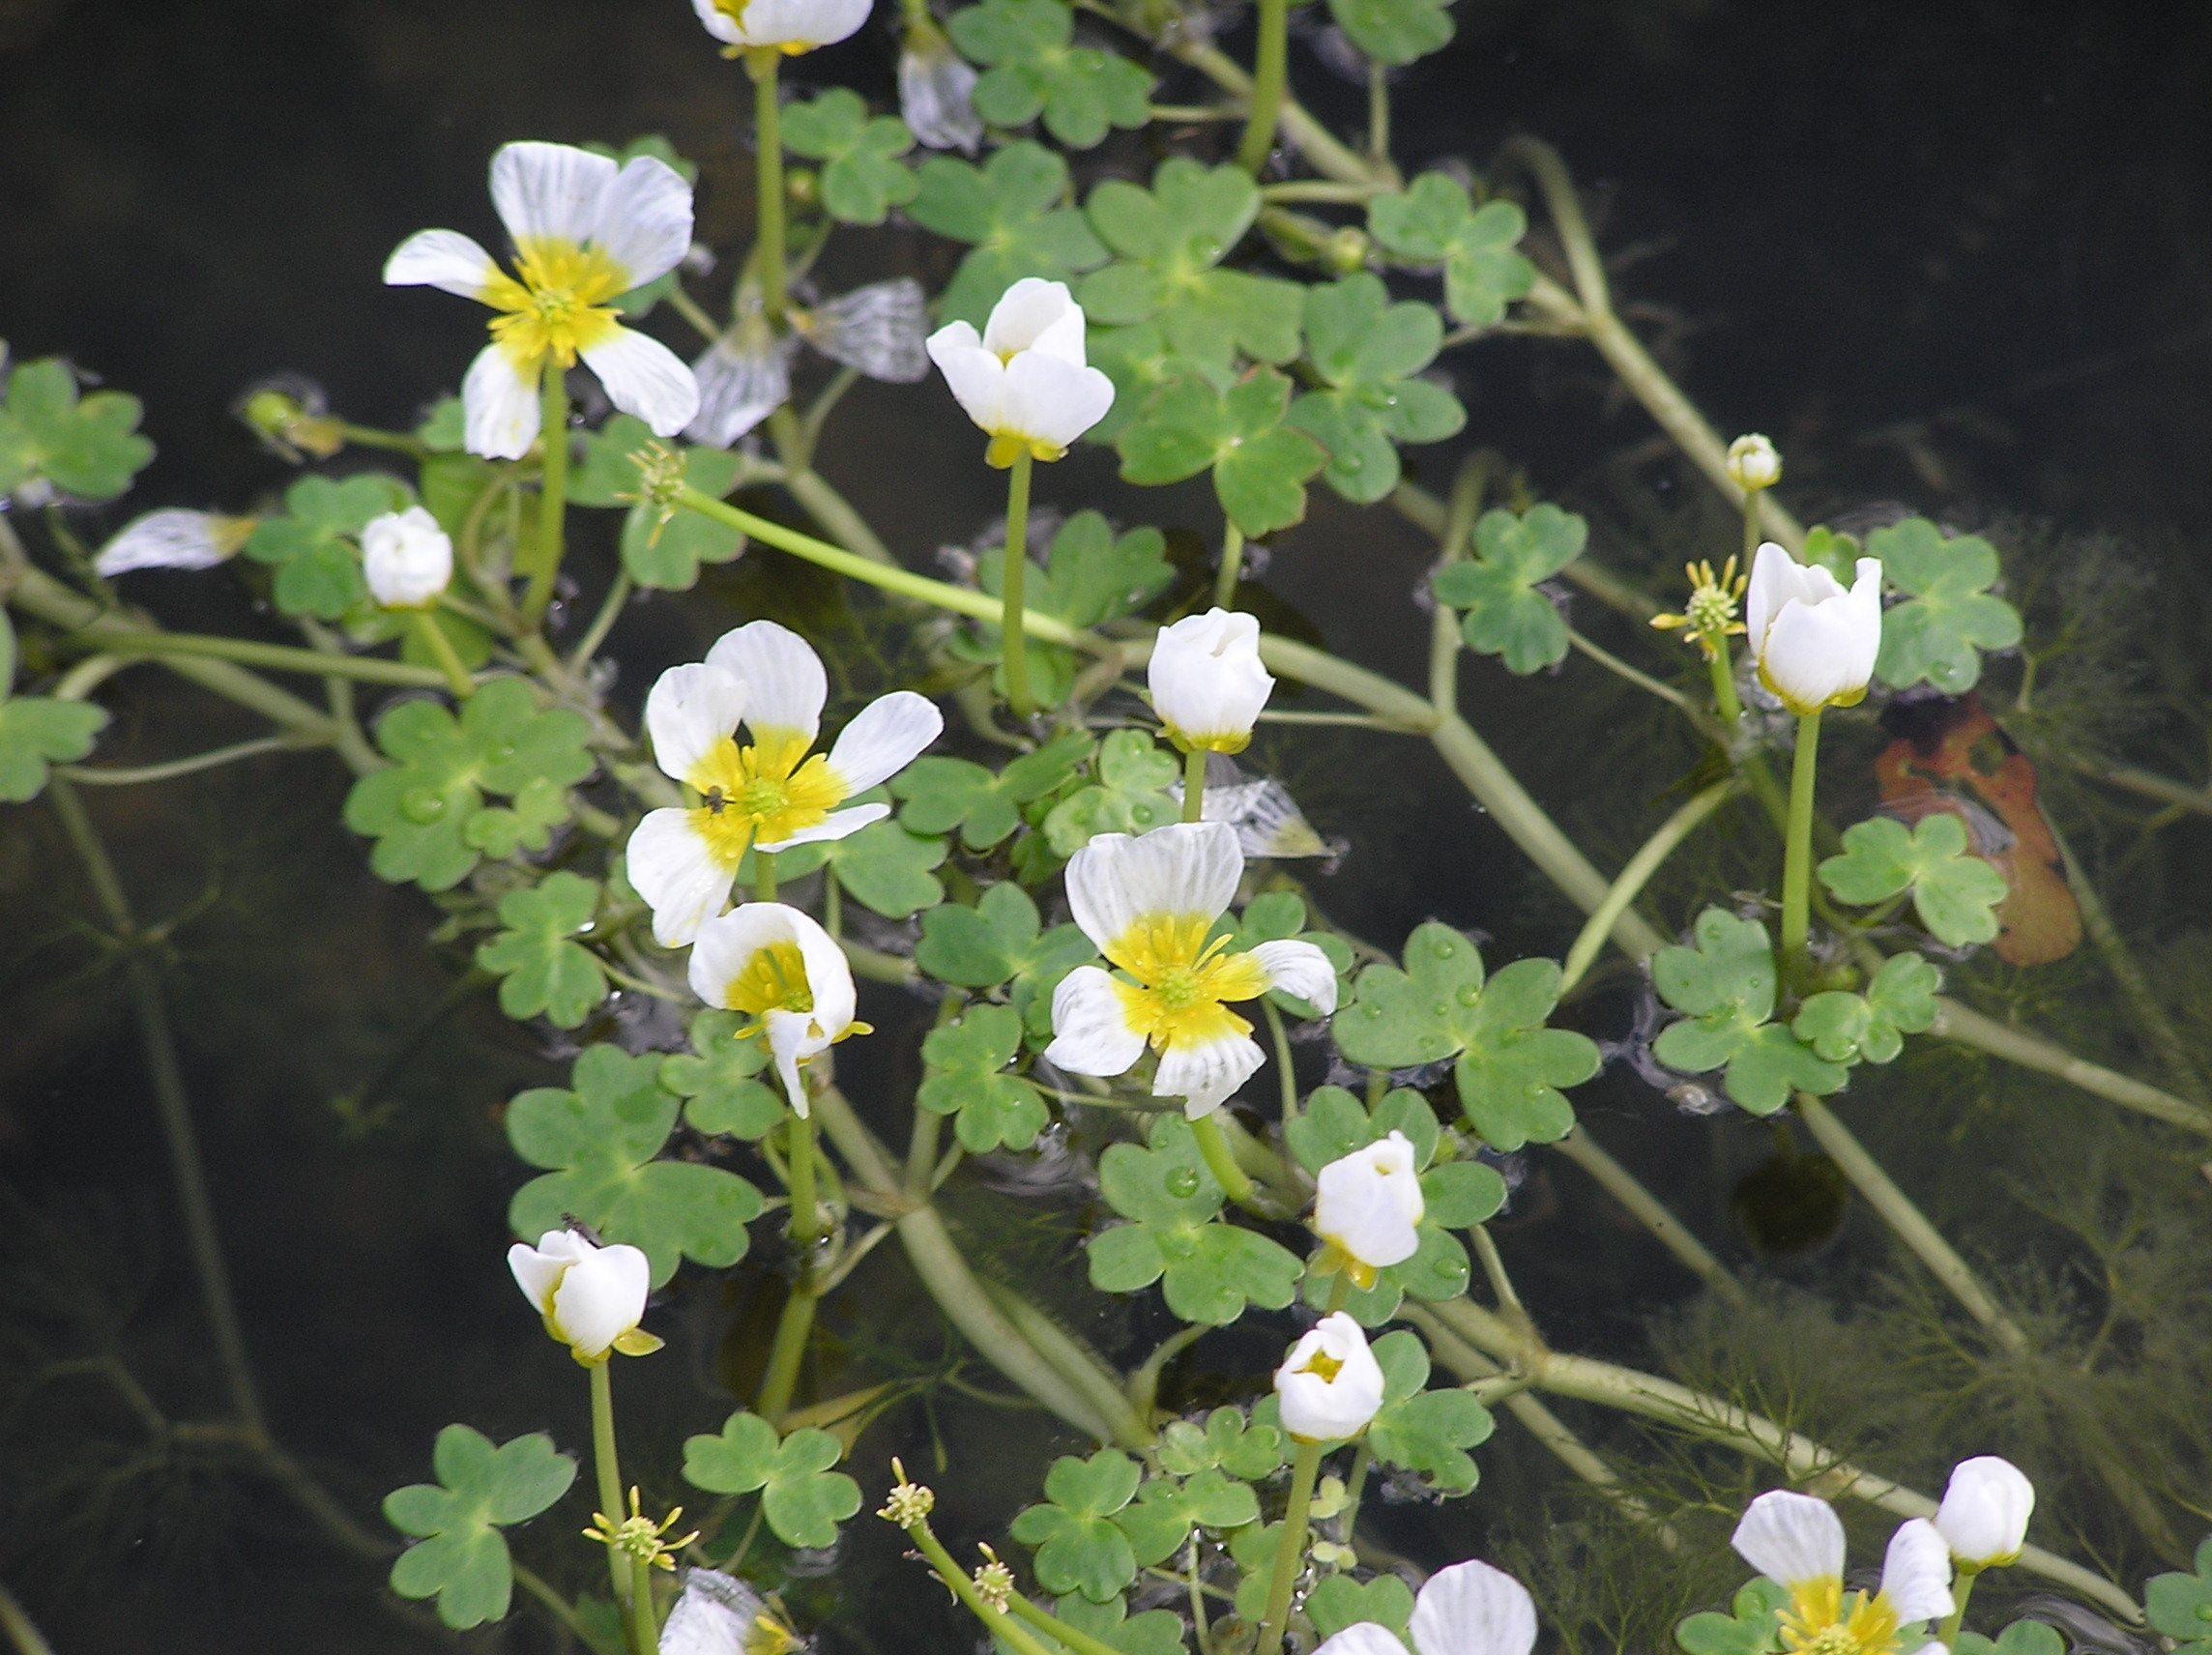 Ranunculus Aquatilis Hederaceus Merebrook Pond Plants